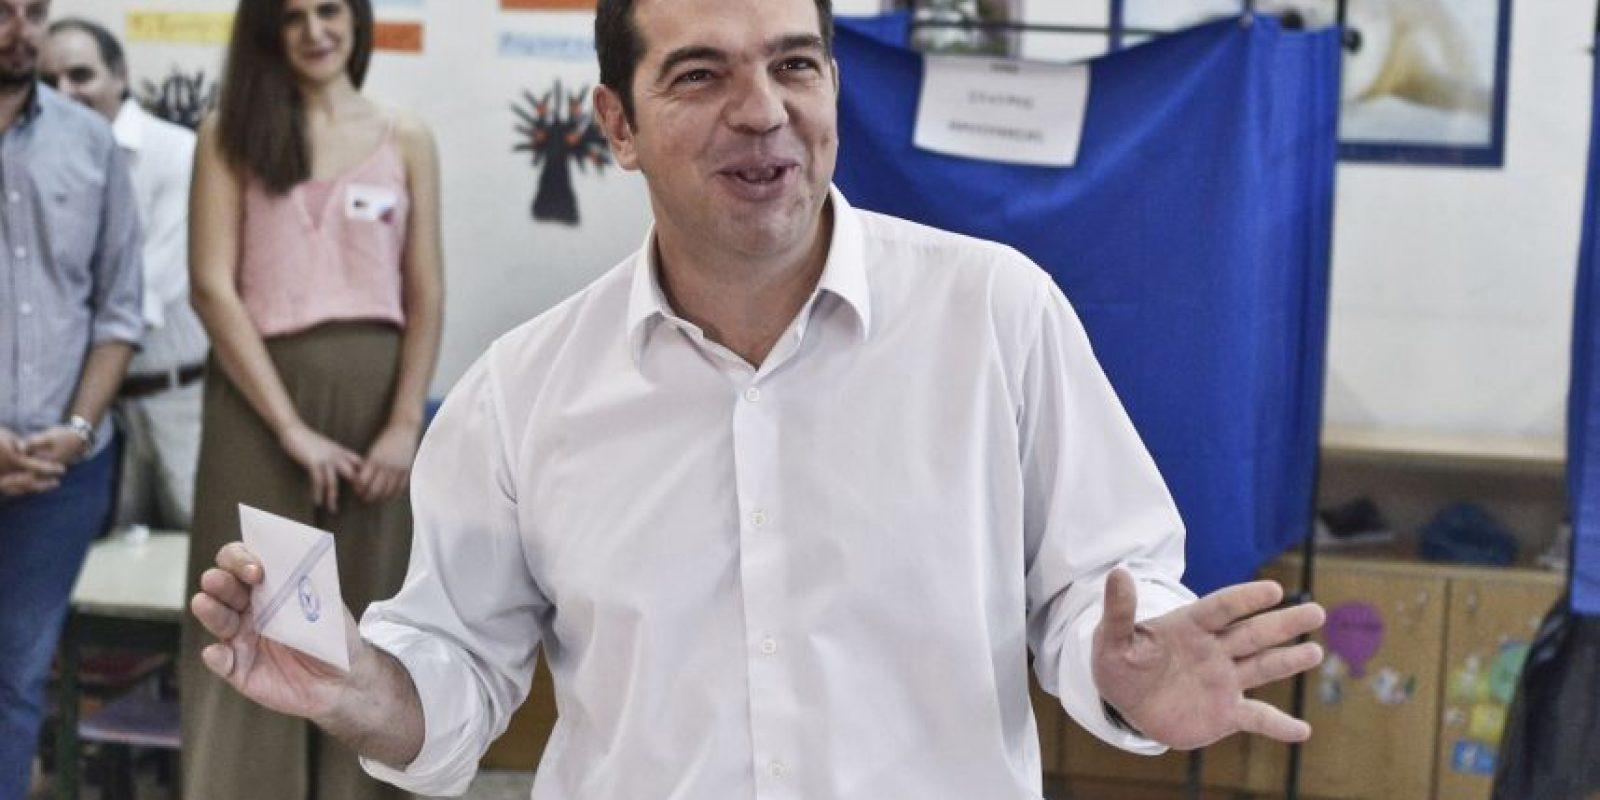 Renunció al puesto tras ser criticado por aceptar las condiciones de pago que siempre rechazó Foto: Getty Images